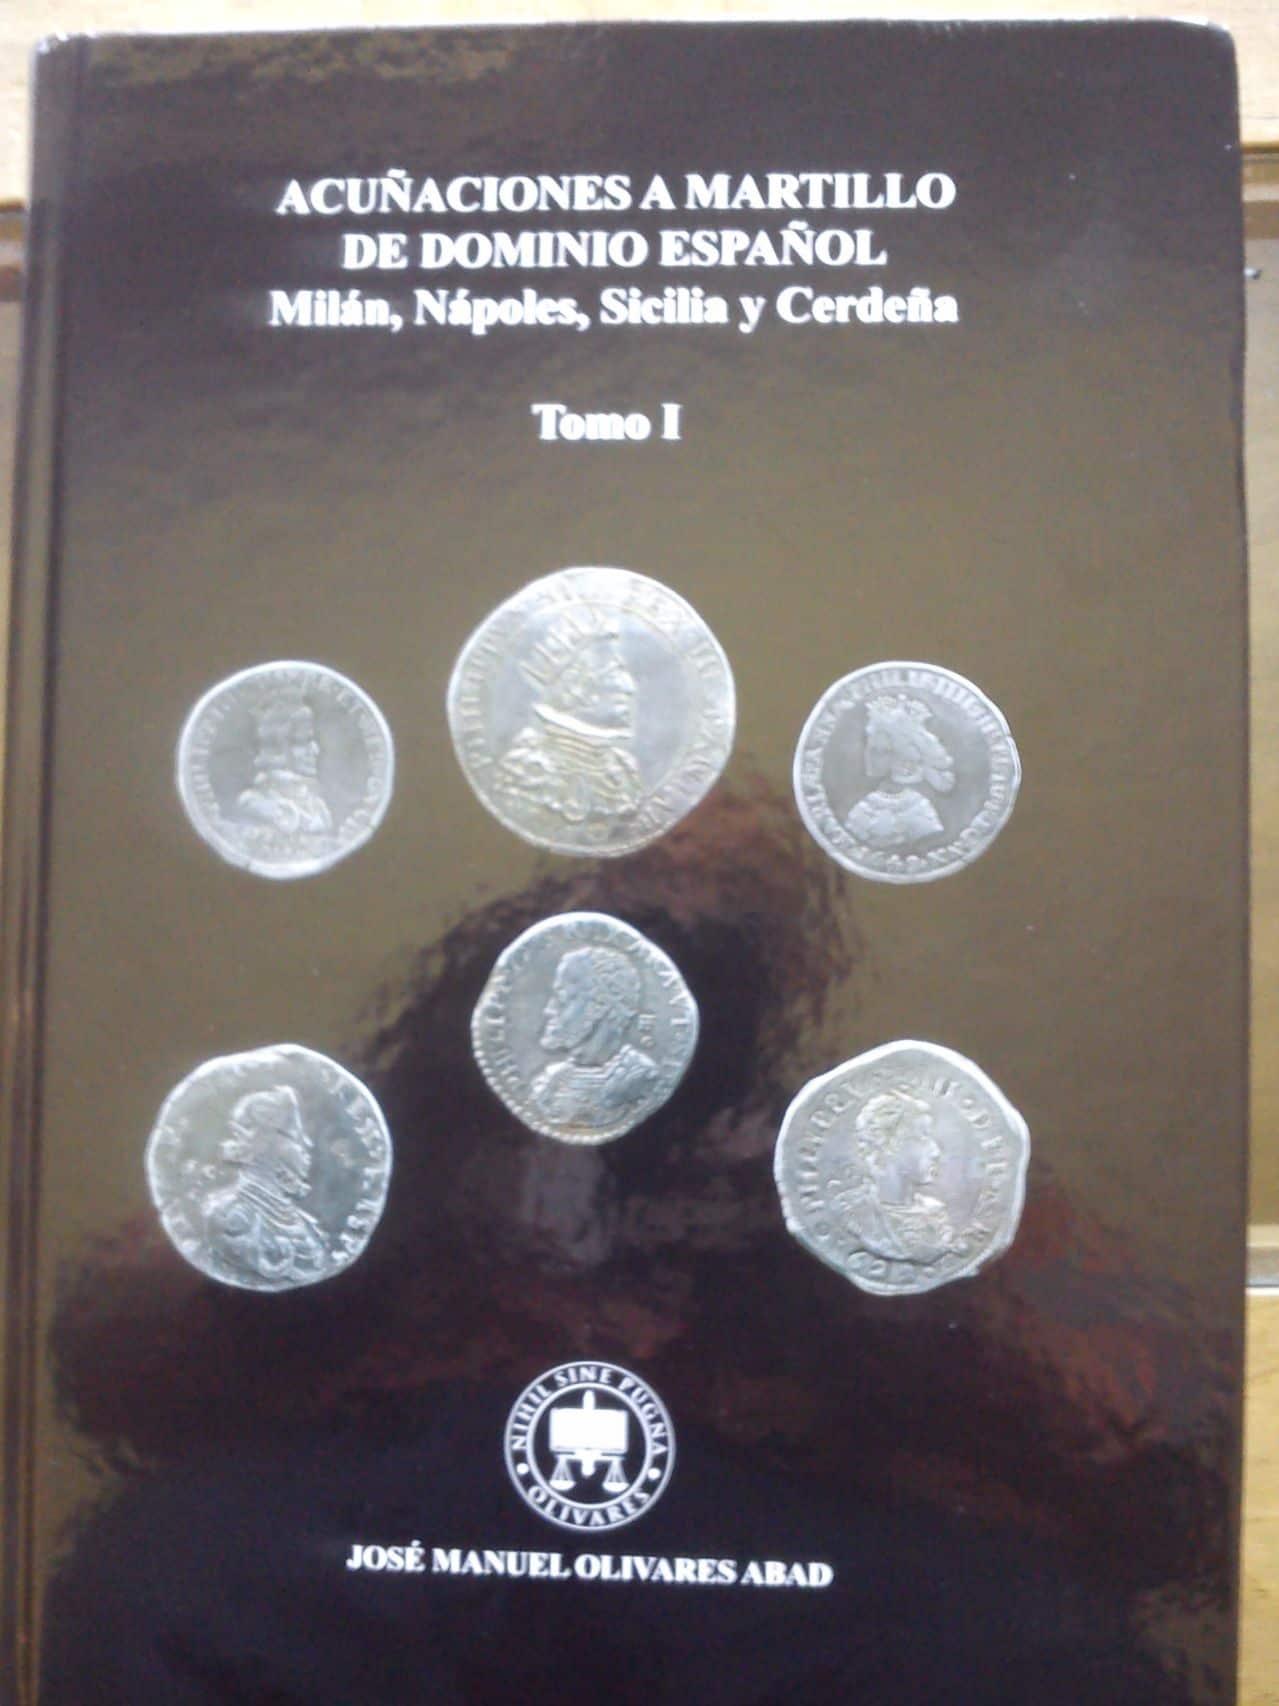 Les Monnaies des Pays-Bas Bourguignons et espagnols DSC_0143